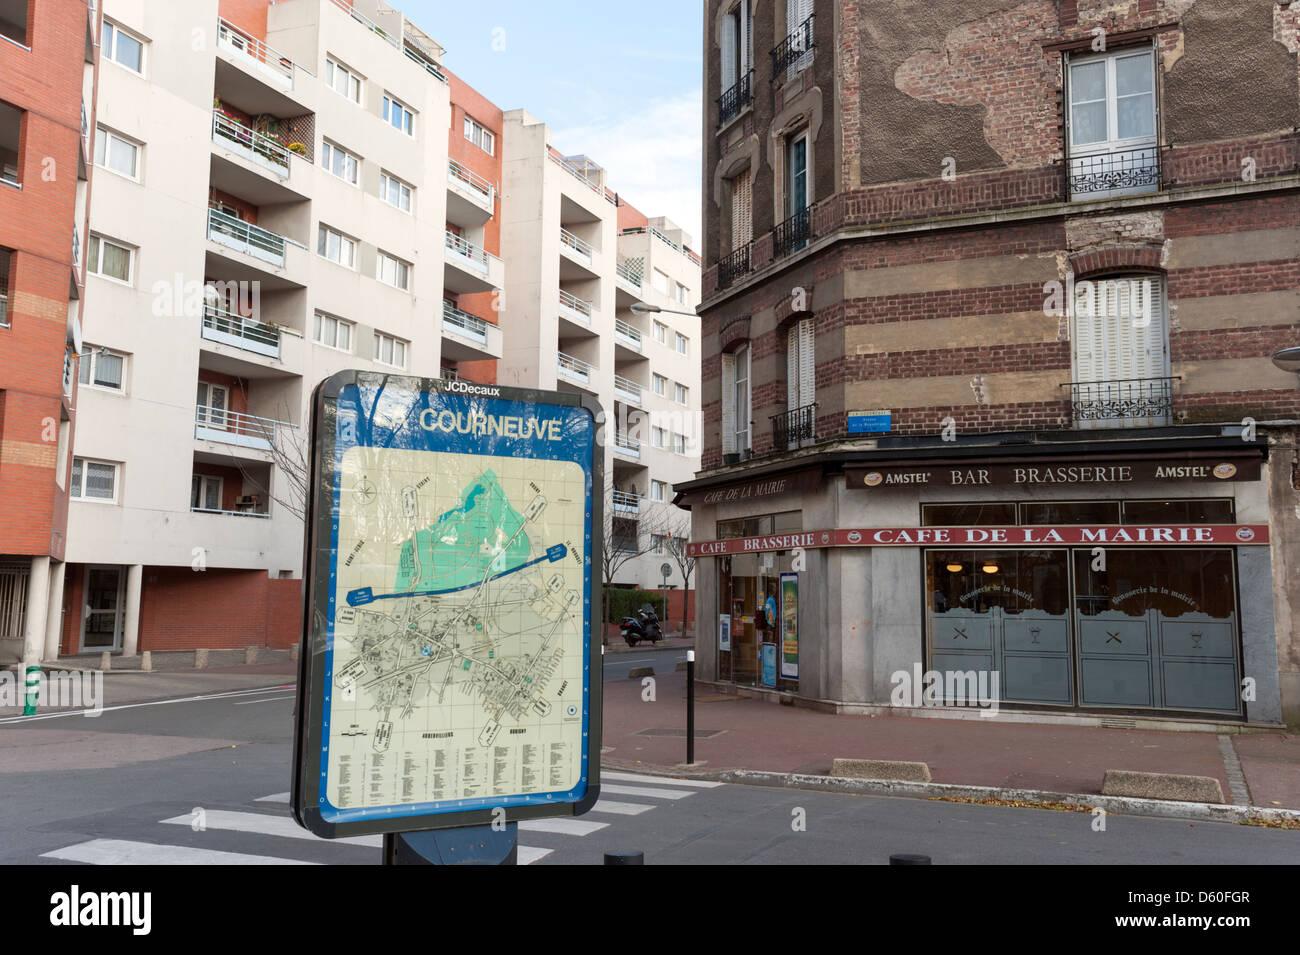 Coin de rue dans la banlieue parisienne de La Courneuve Banque D'Images